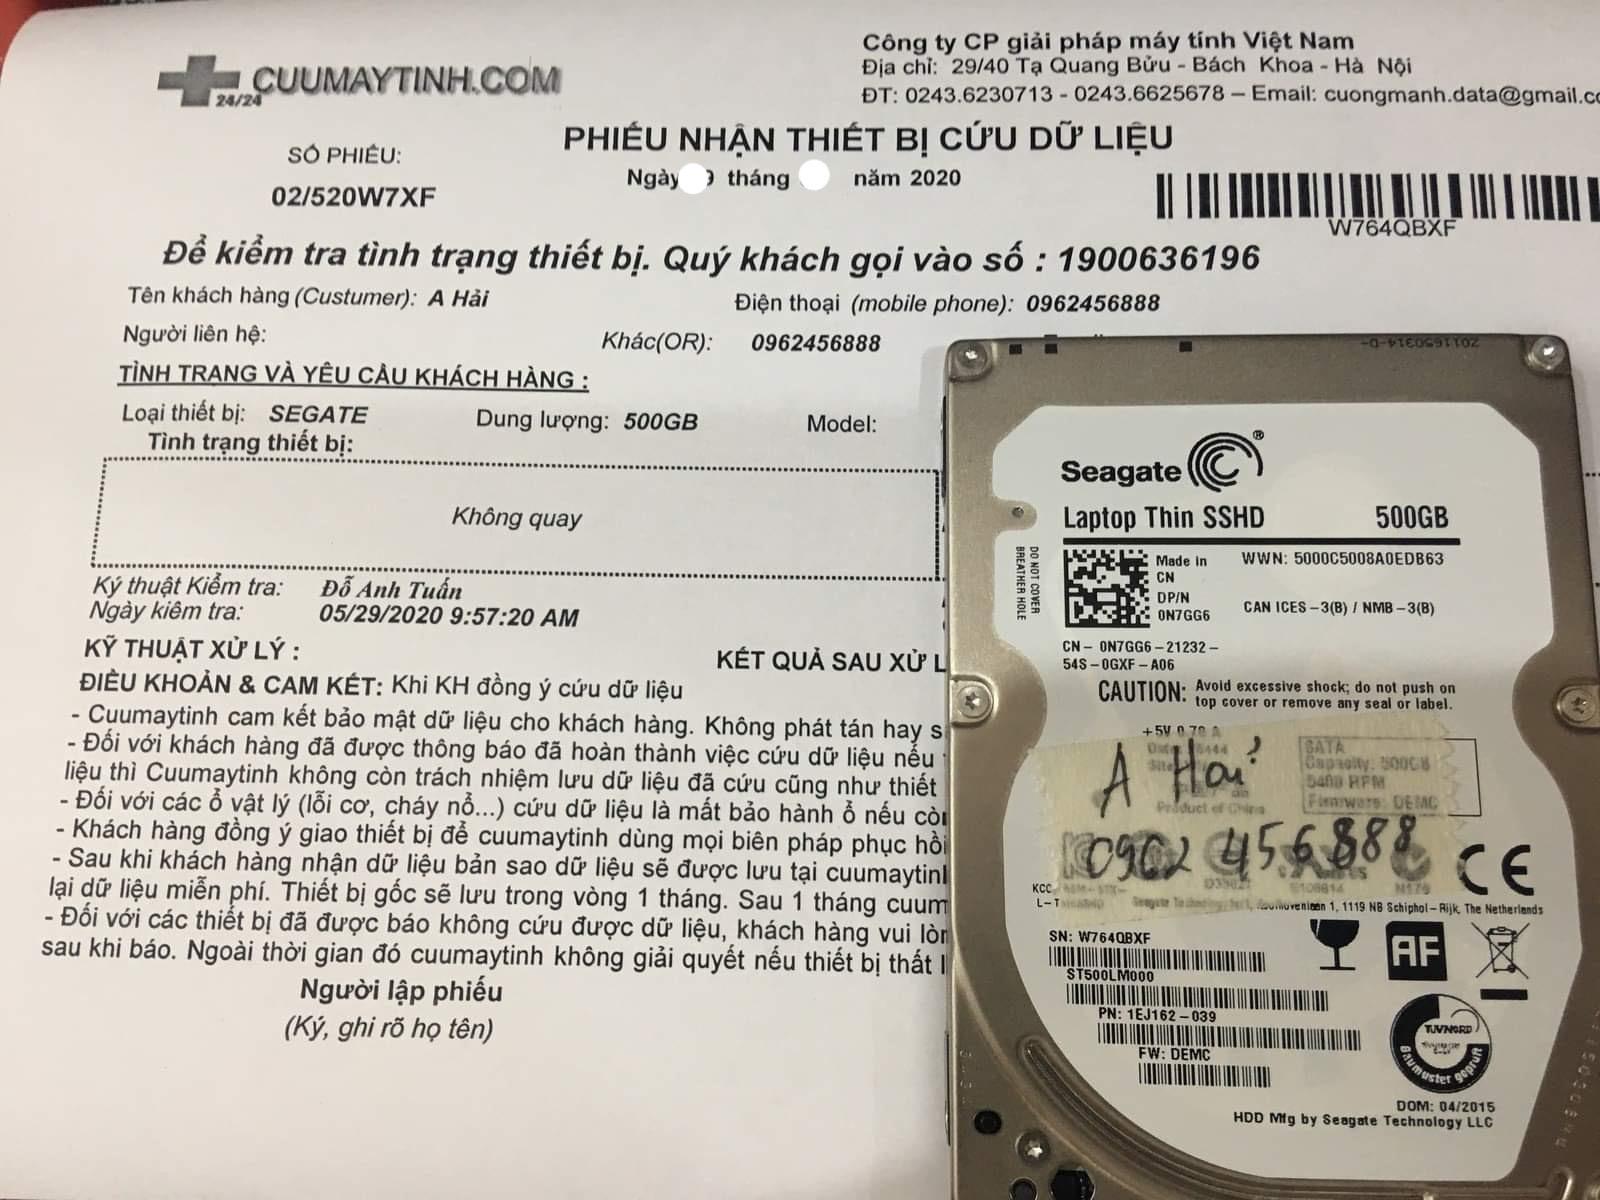 Phục hồi dữ liệu ổ cứng Seagate 500GB không nhận 10/06/2020 - cuumaytinh